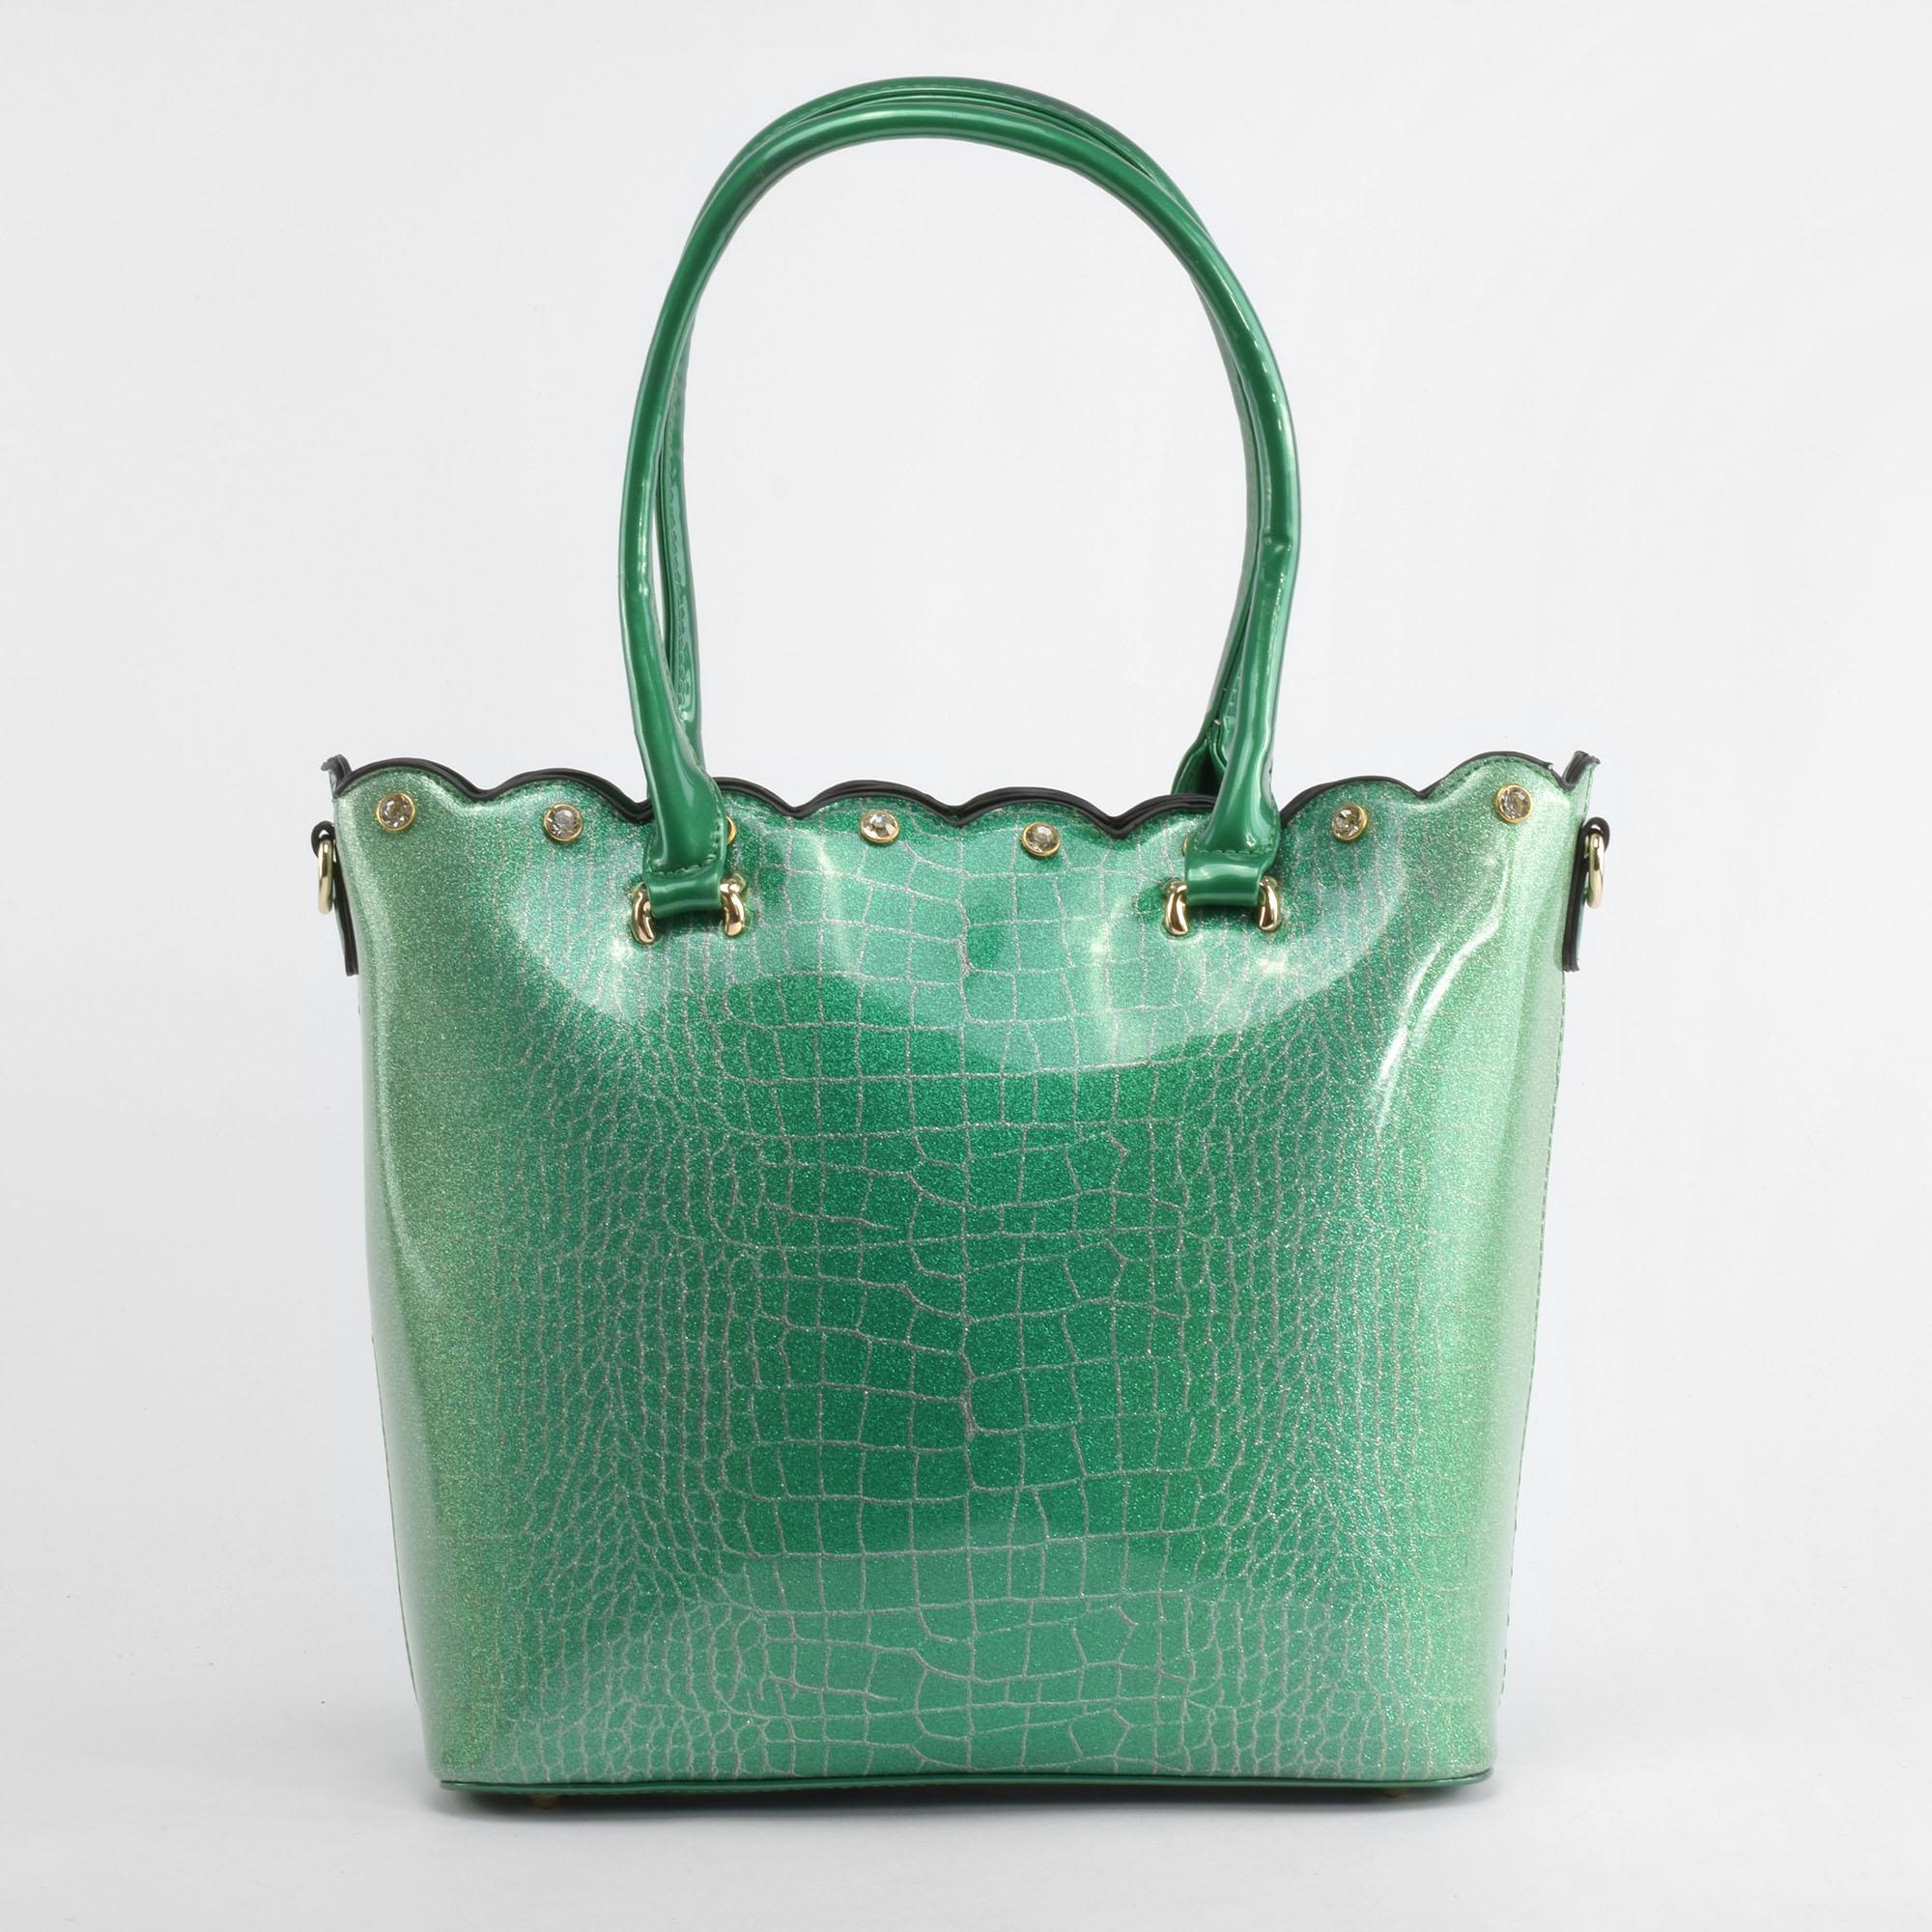 0feee0e8fdd0 Krokodilbőr mintás Zöld színű Szintetikus kézitáska - Kézitáskák - Táska  webáruház - Minőségi táskák mindenkinek